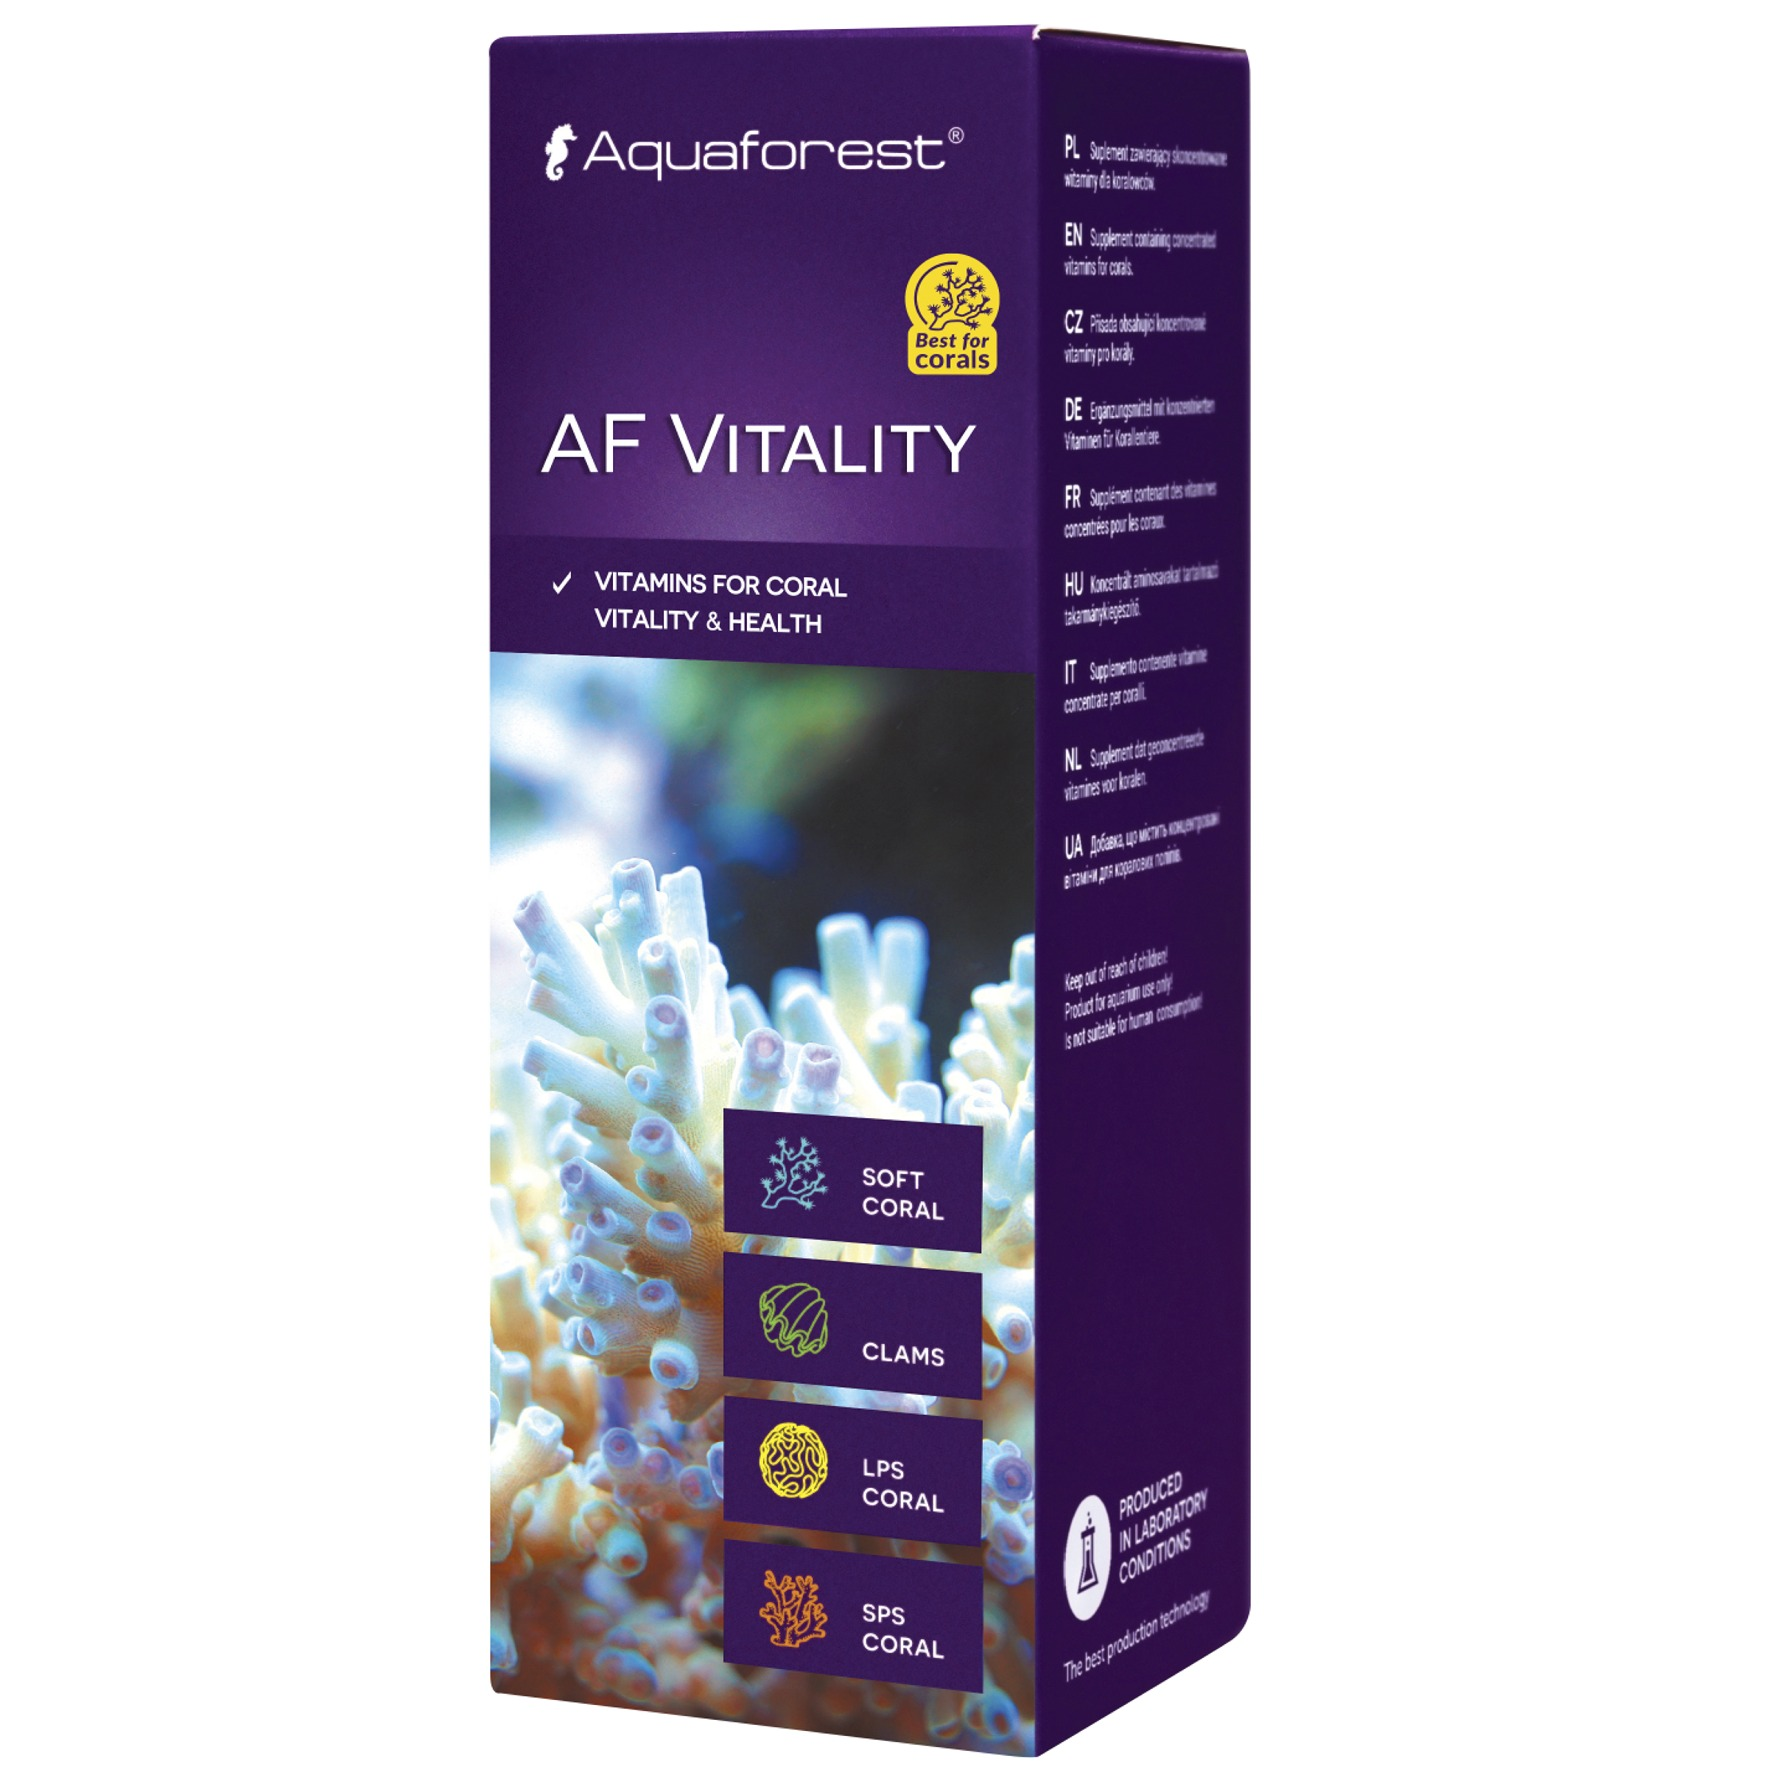 AQUAFOREST AF Vitality 50 ml concentré de vitamines pour coraux